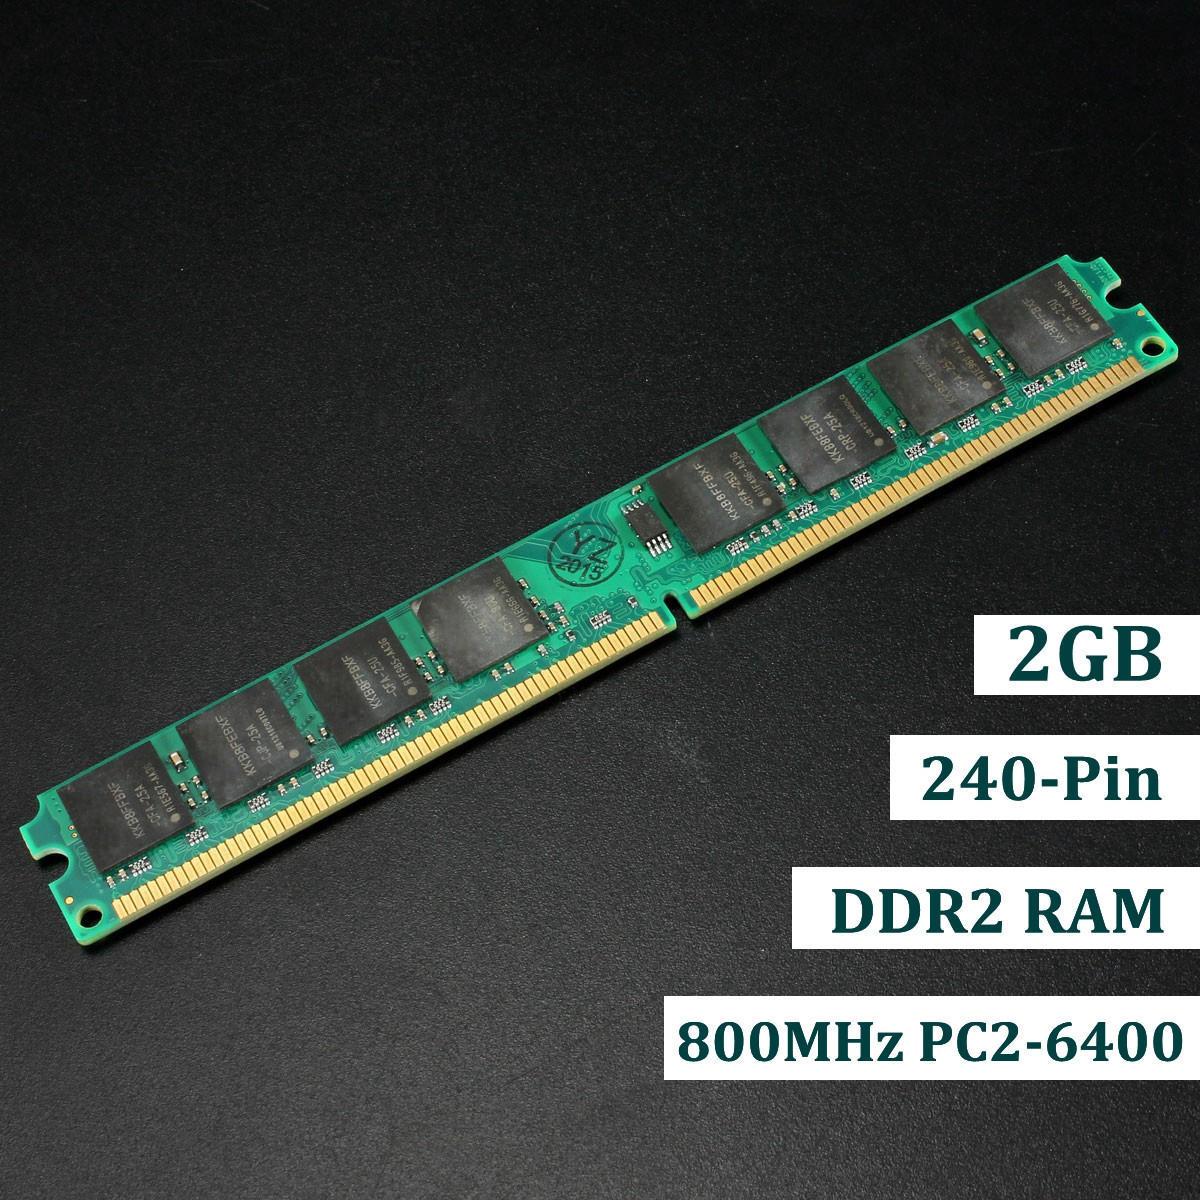 2 ГБ DDR2-800 PC2-6400 Non-ECC компьютер Desktop PC DIMM памяти RAM 240 контактов в новый for 2gb 1x2gb pc2 6400 ddr2 800 450260 b21 460424 001 with 1 year warranty